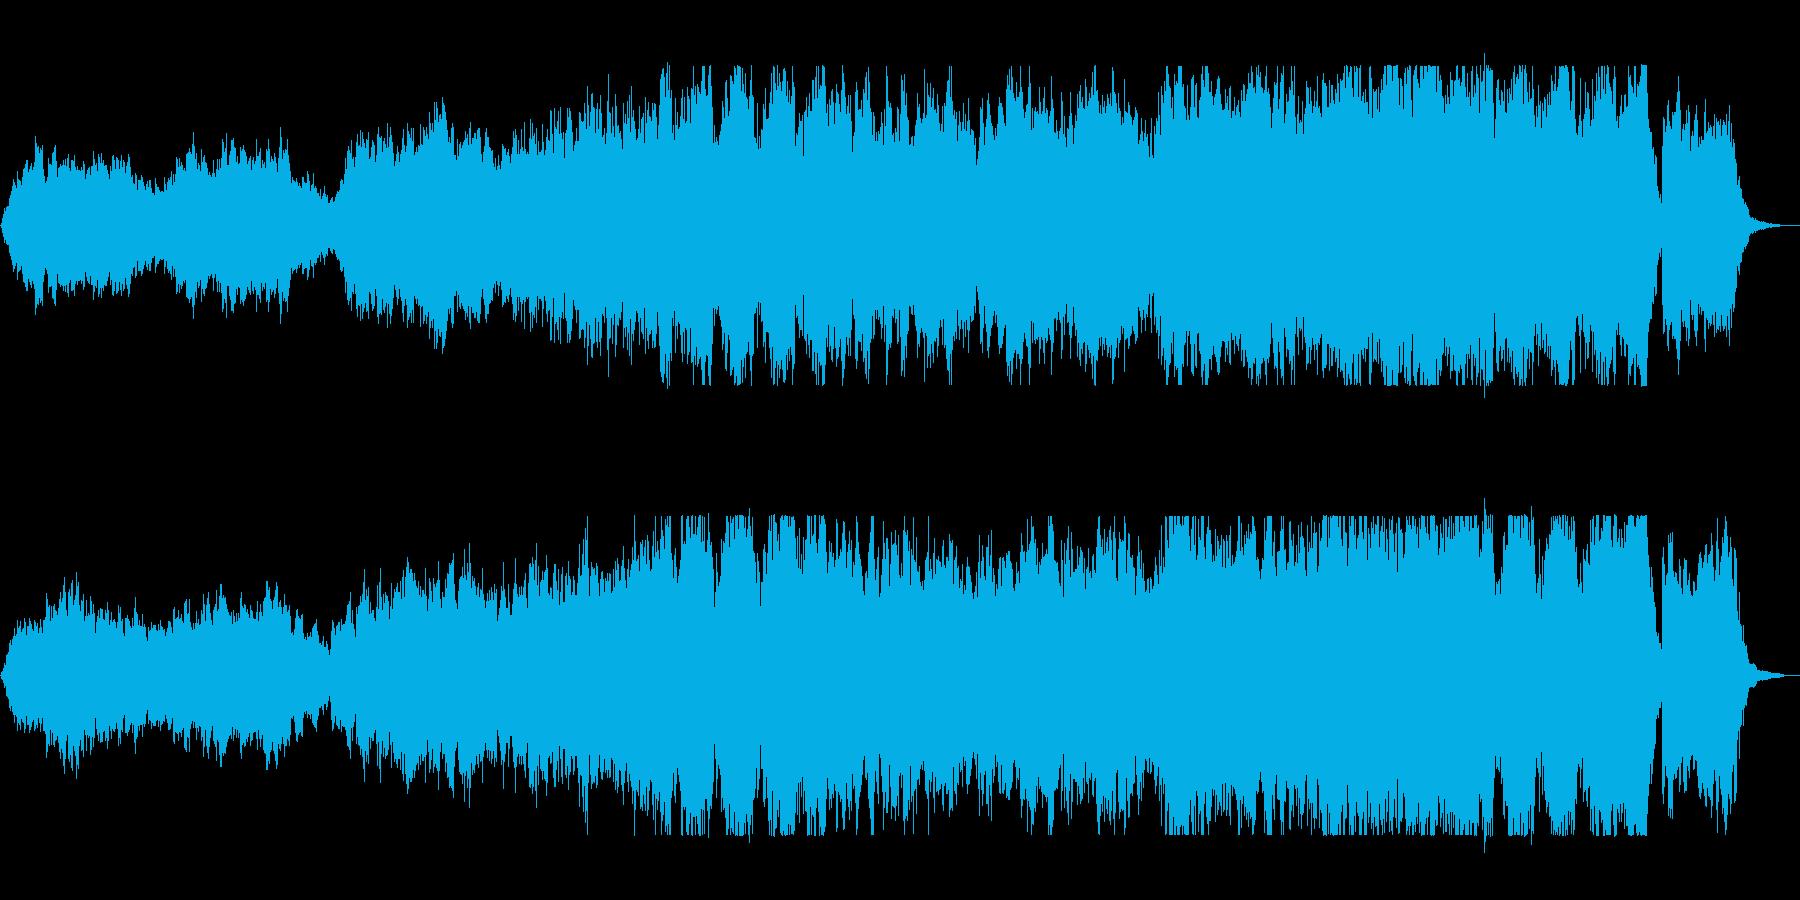 これからの展開に期待させるBGMの再生済みの波形